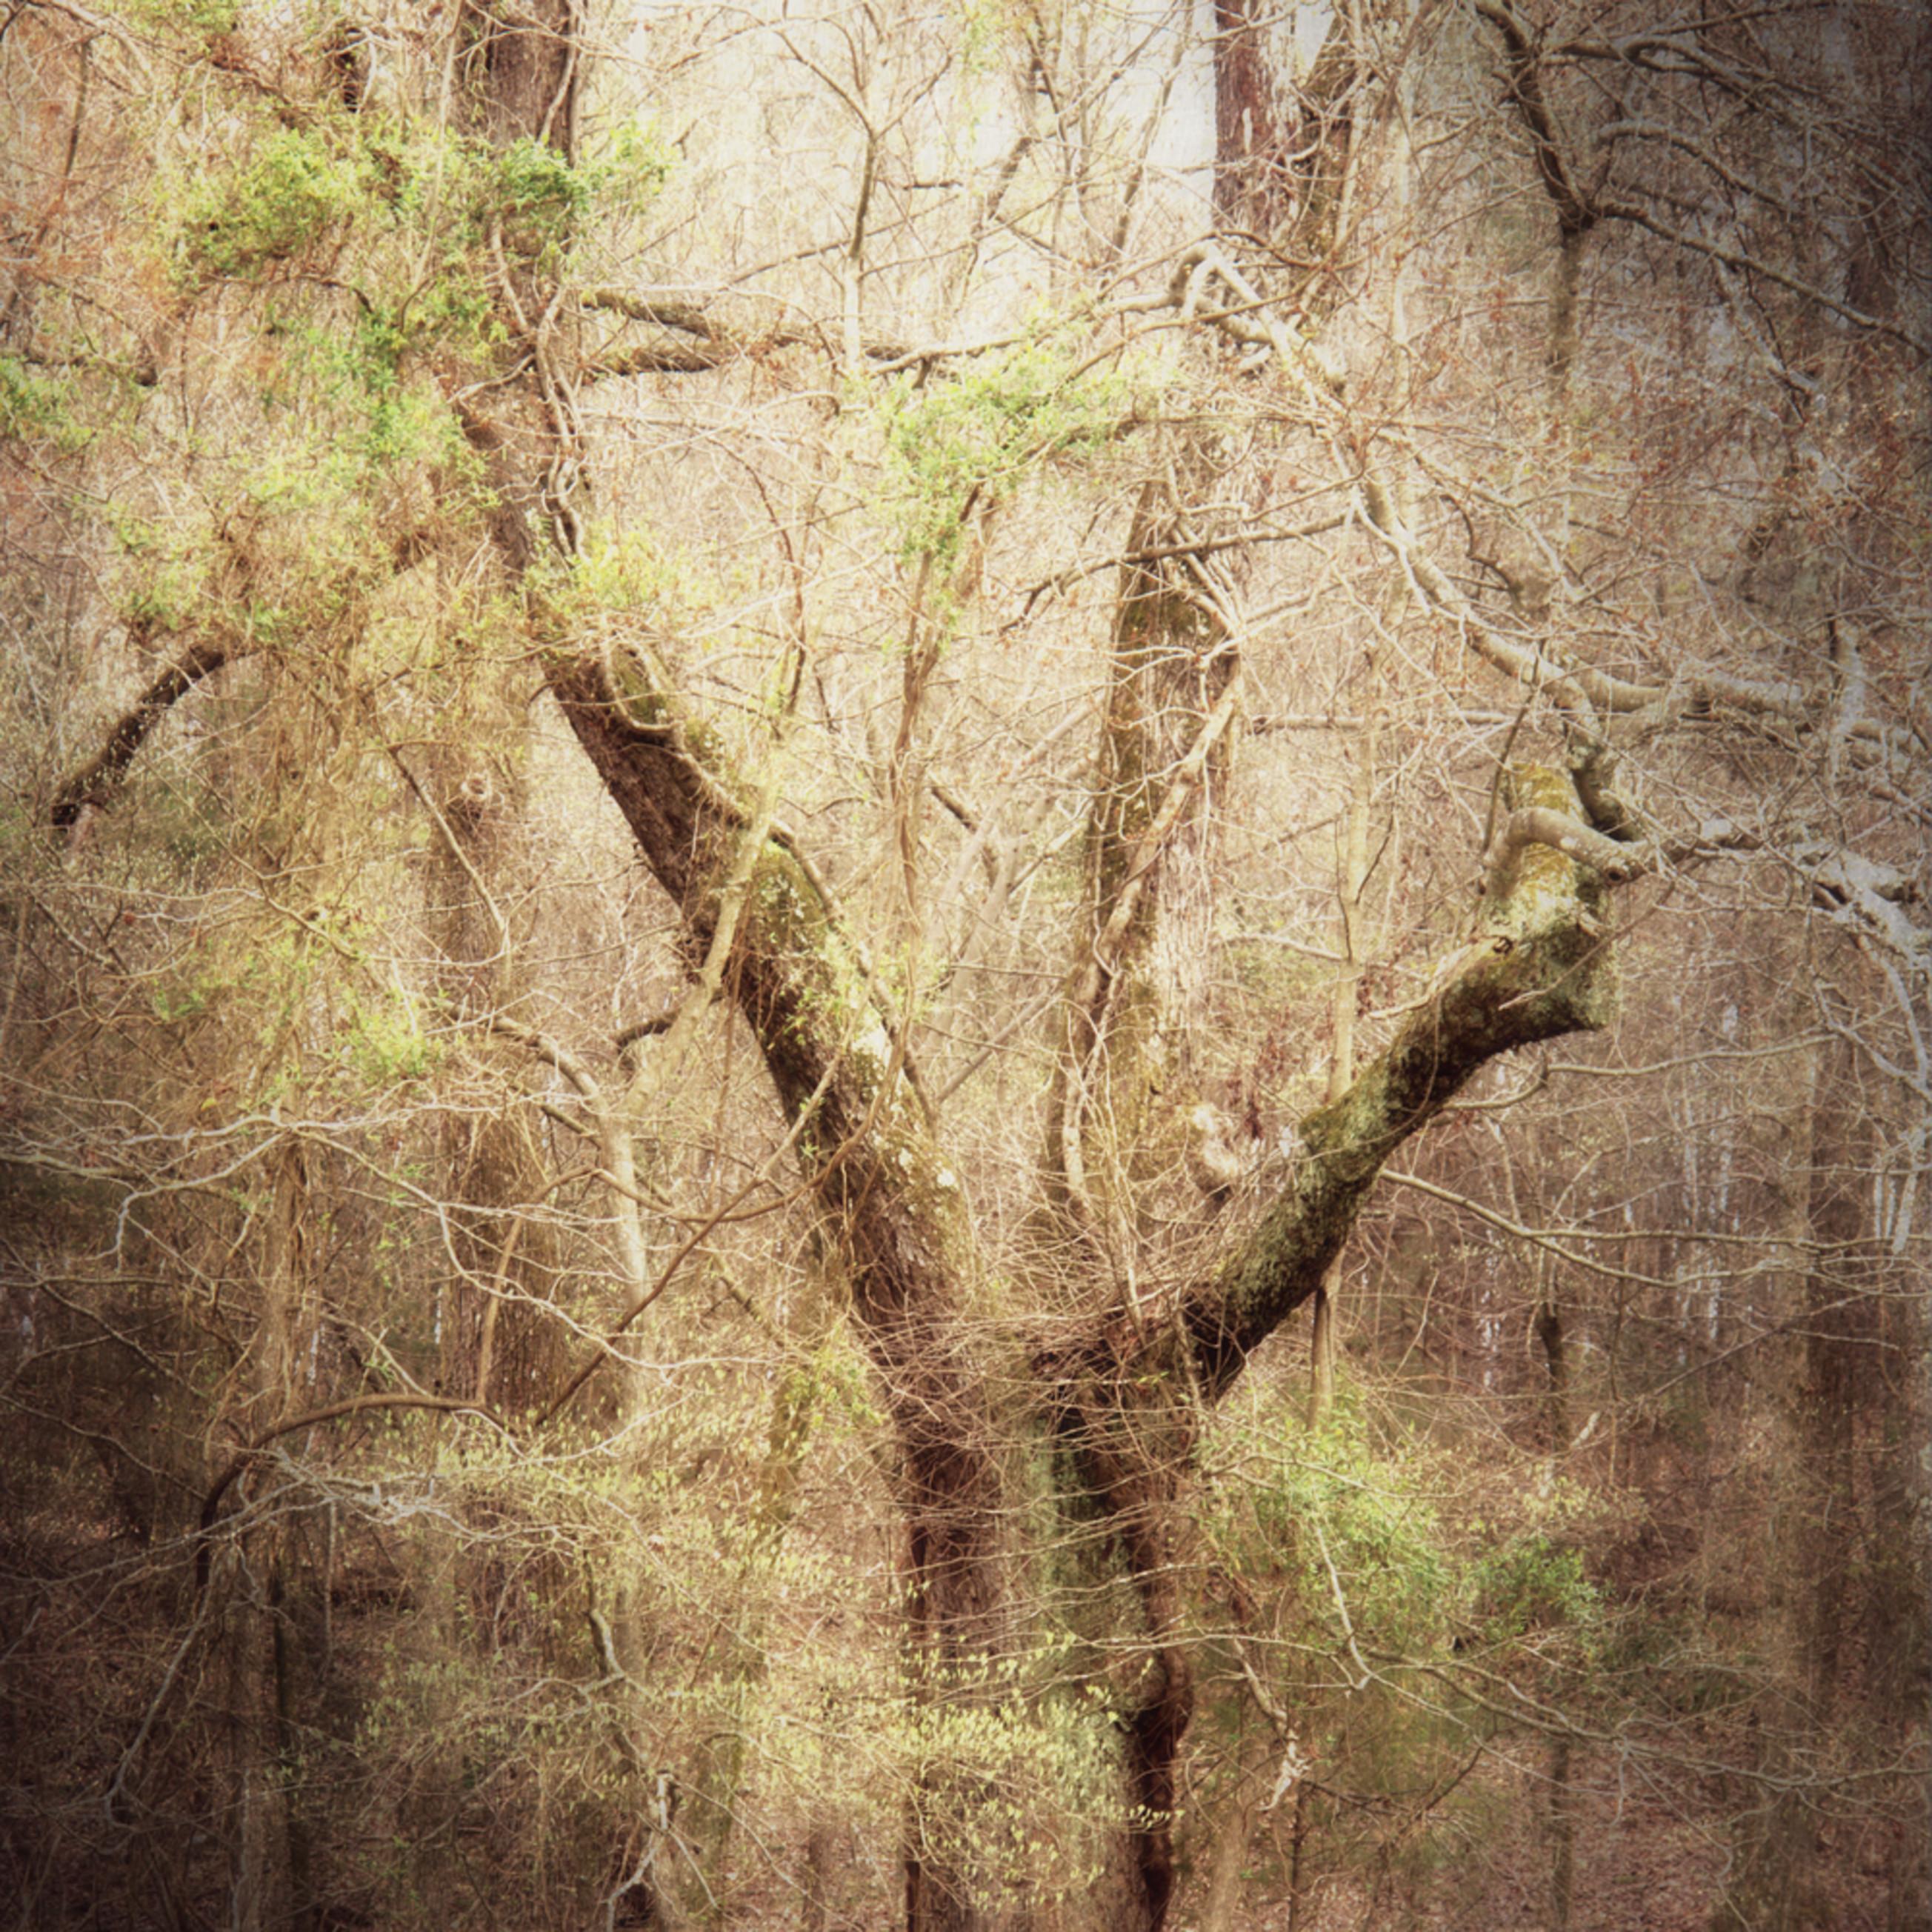 Tree mystery dsc01190 xmow9p